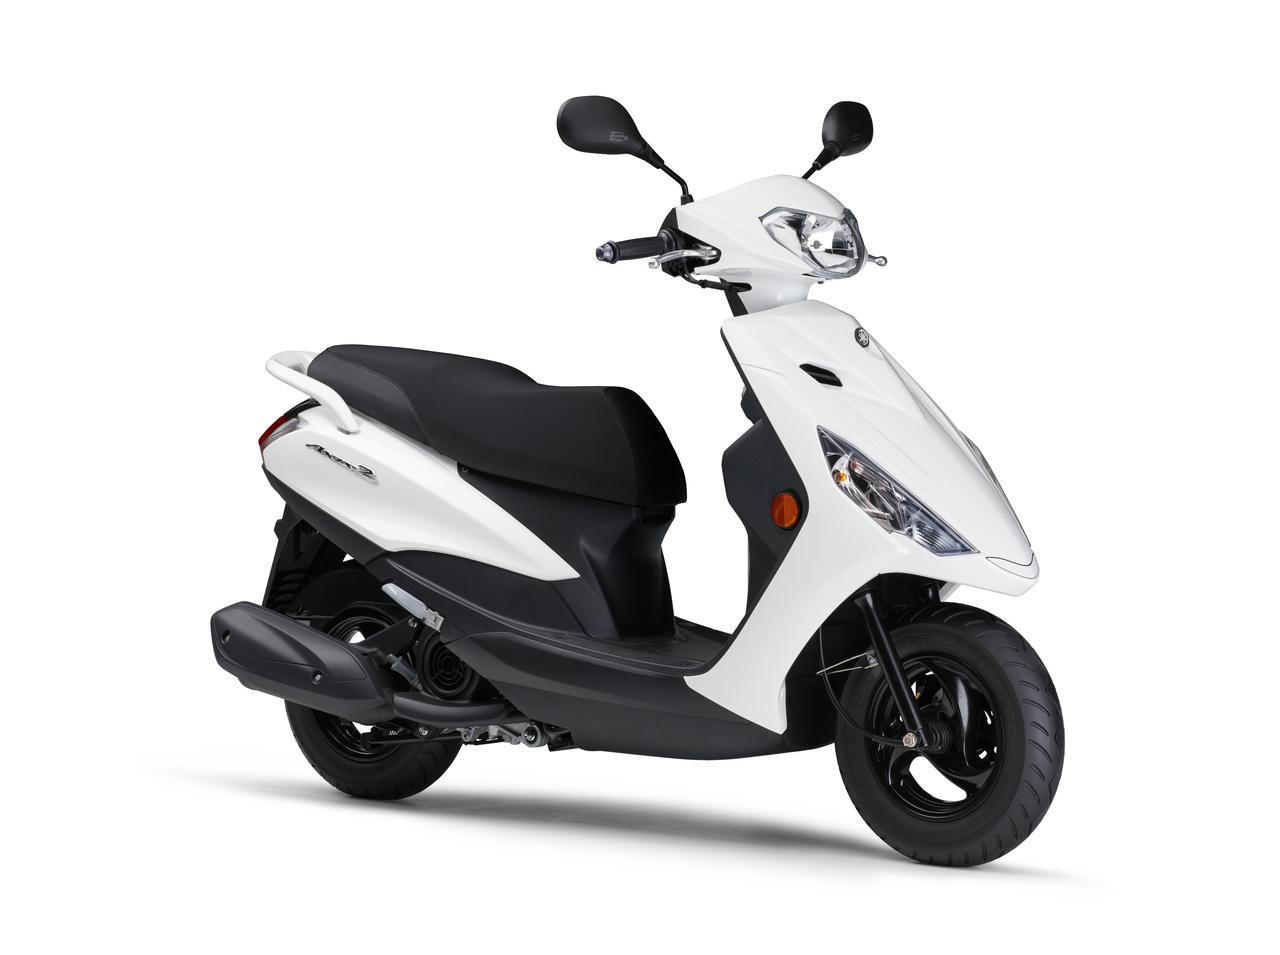 画像19: ヤマハが125ccスクーター「アクシスZ」の2021年モデルを発表! カラーは全5色設定で2月5日に発売